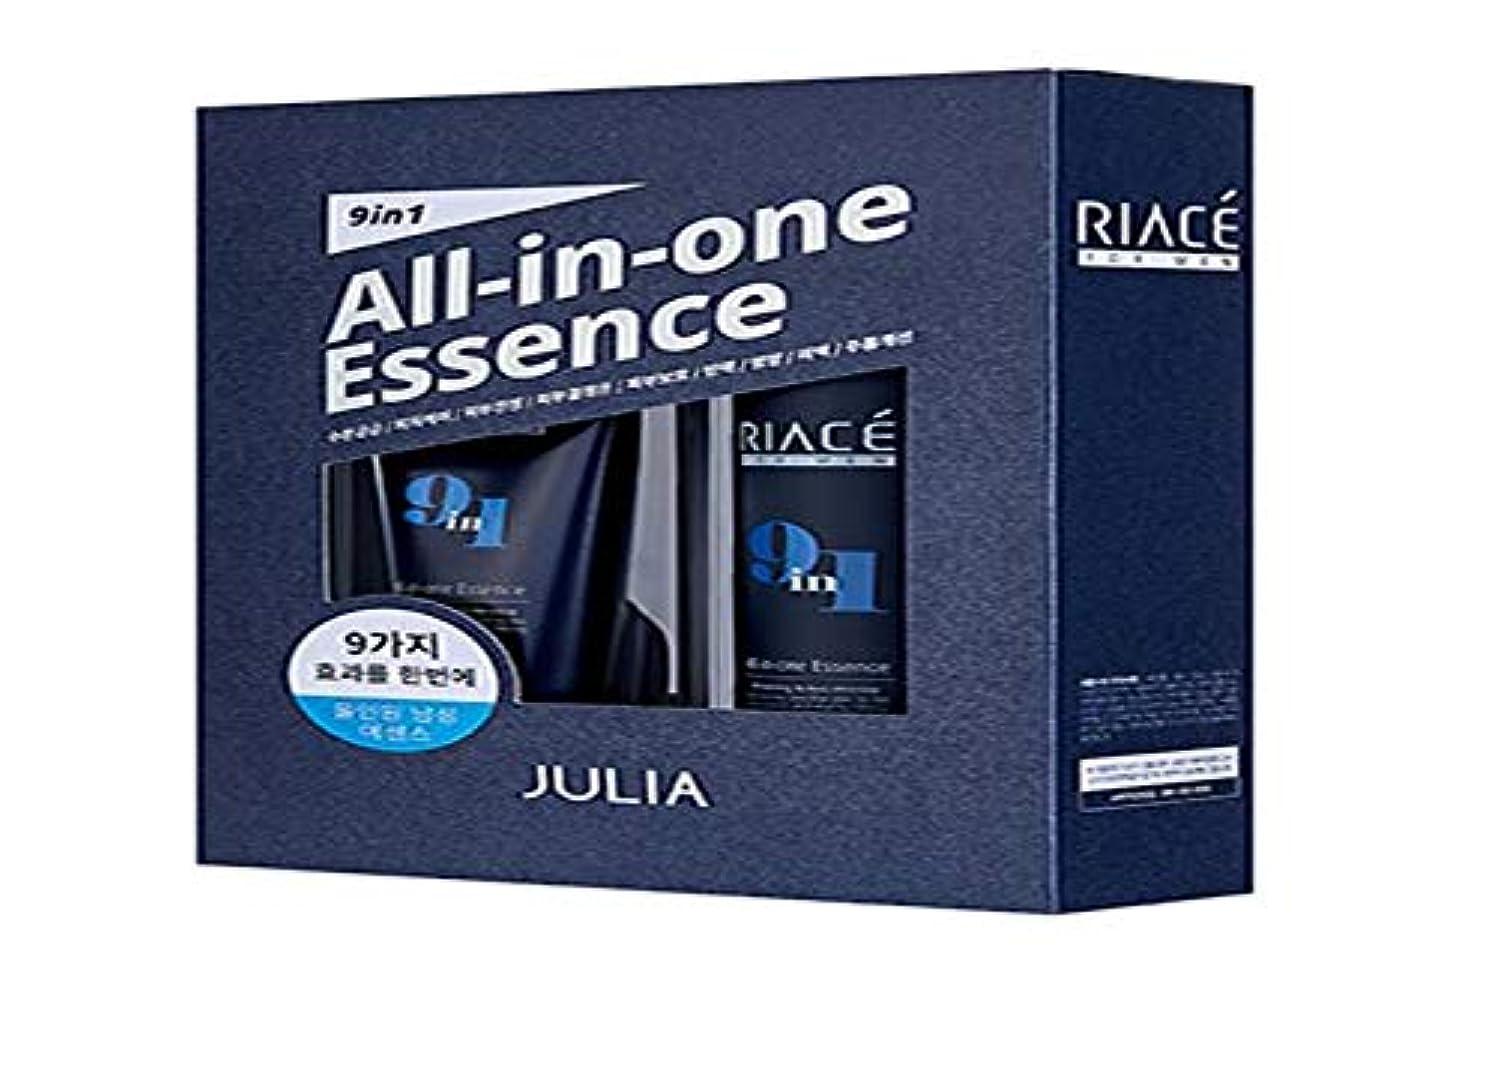 登る証明するスリップKorean Cosmetics Julia RIACE For men All-in-one Essence Perfection (Toner + Emulsion + Essence) 韓国化粧品ジュリア 男性用オールインワンエッセンスパーフェクトパーフェクト...